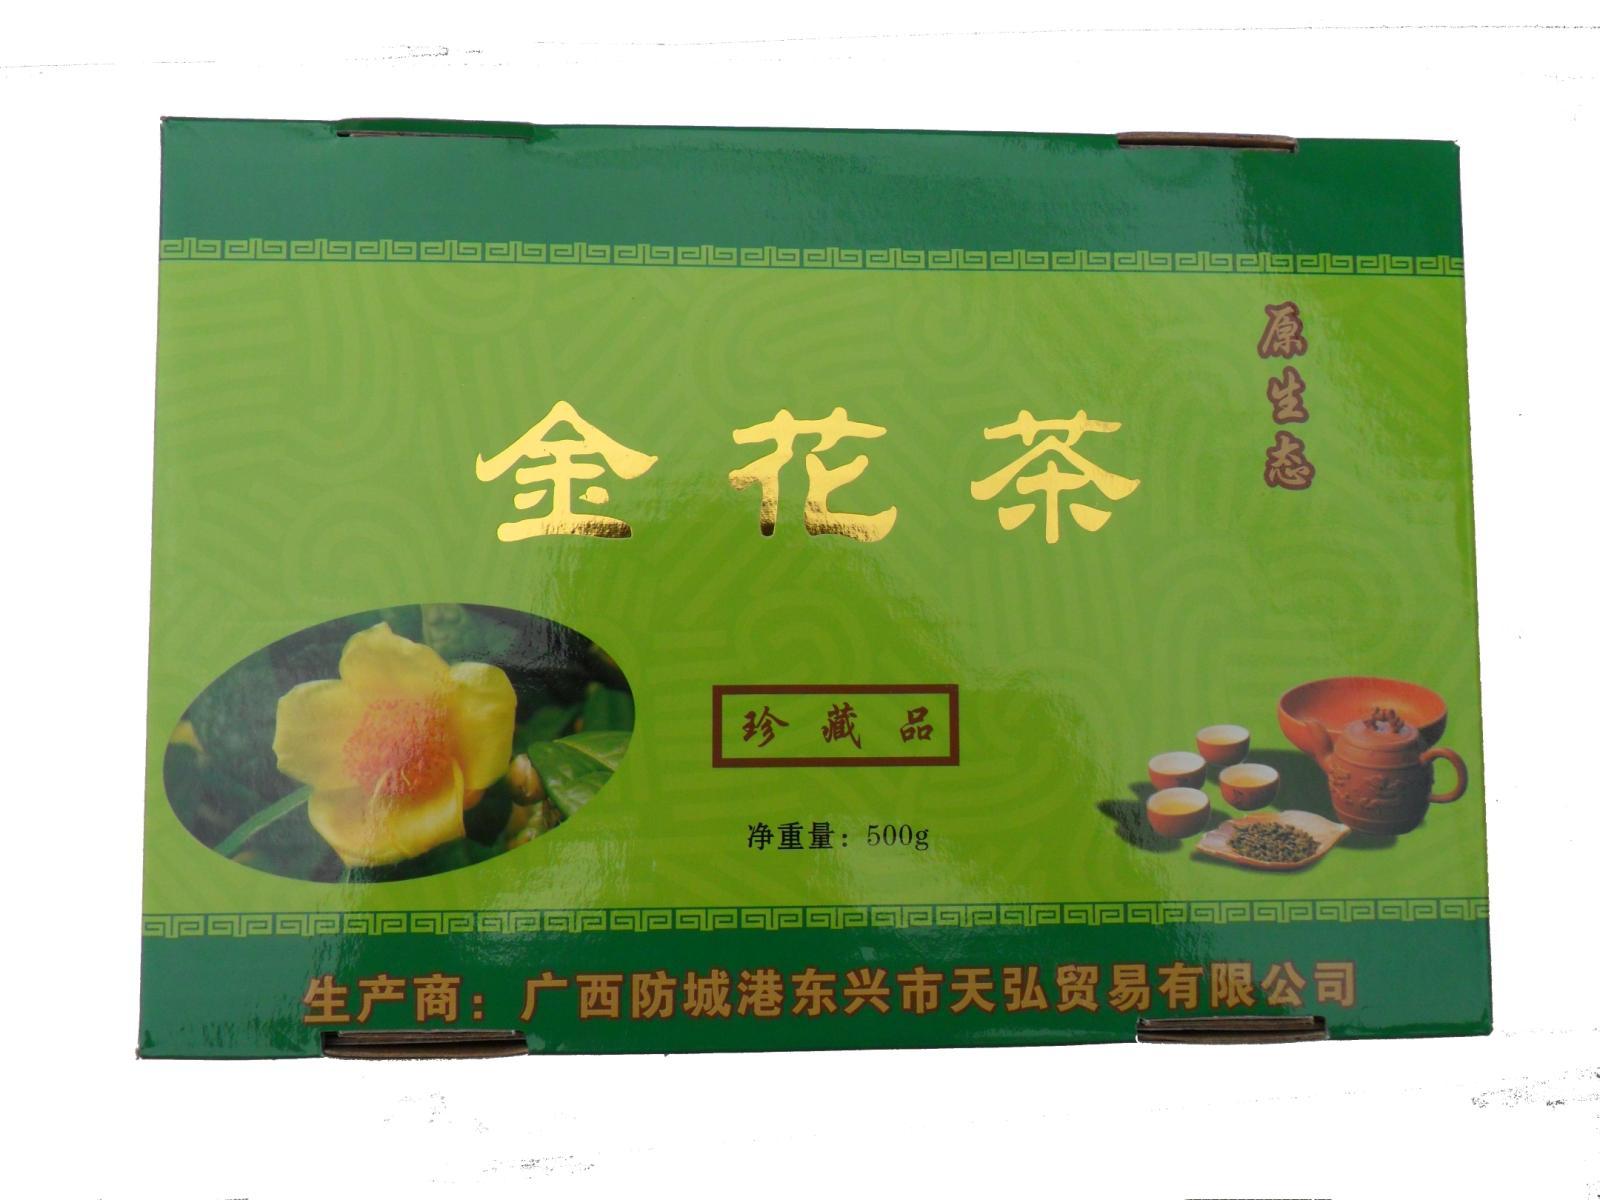 [国宝]防城雪梅金花茶植物大熊猫